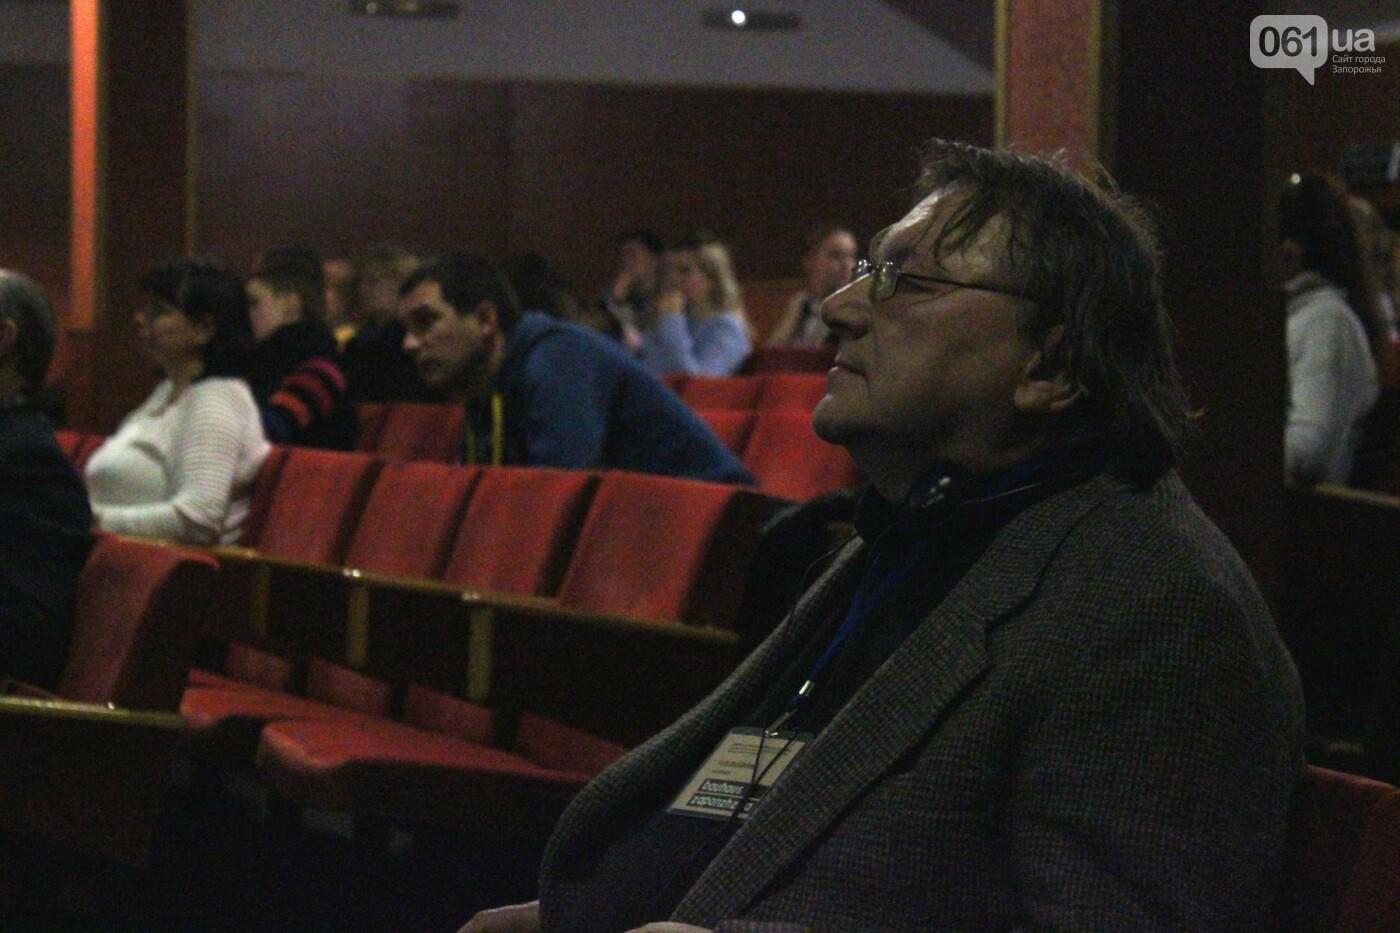 Спасти Соцгород: немецкие и украинские архитекторы подписали резолюцию для запорожской власти, - ФОТОРЕПОРТАЖ, фото-1